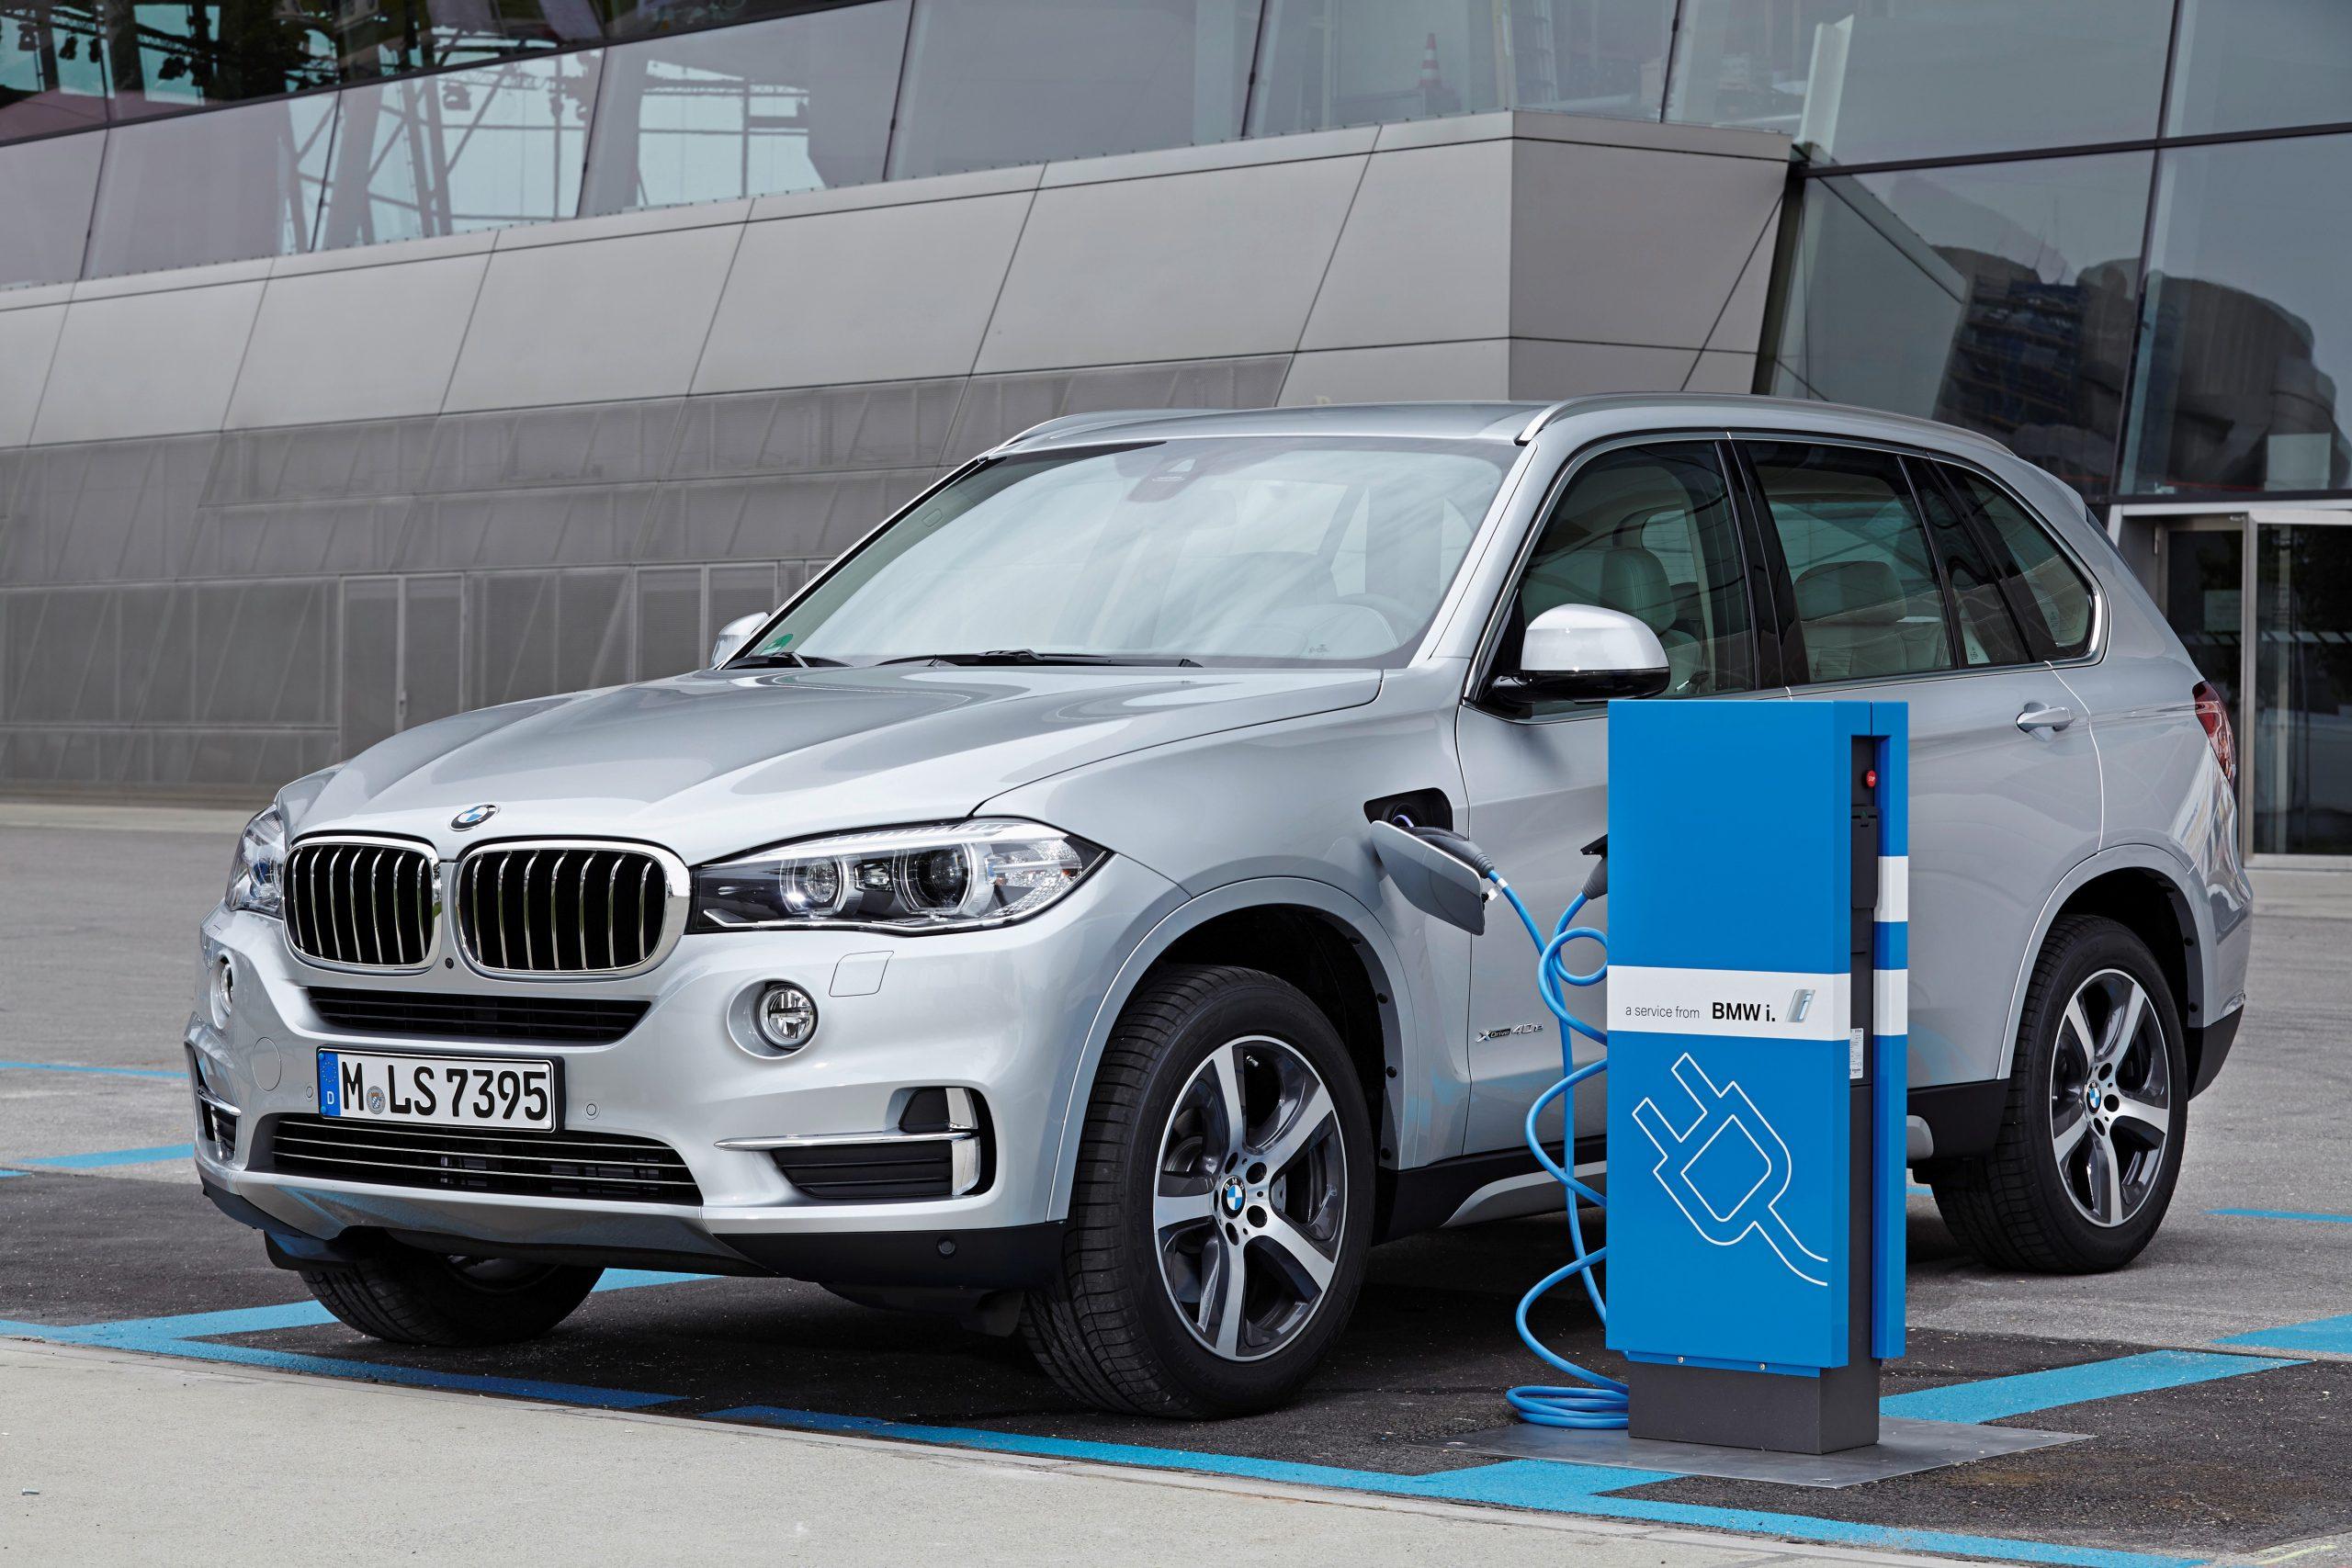 """Schrijf je nu in voor de BMW training """"Hoogvolt Componenten BMW PHEV modellen"""" 14 april 2020!"""